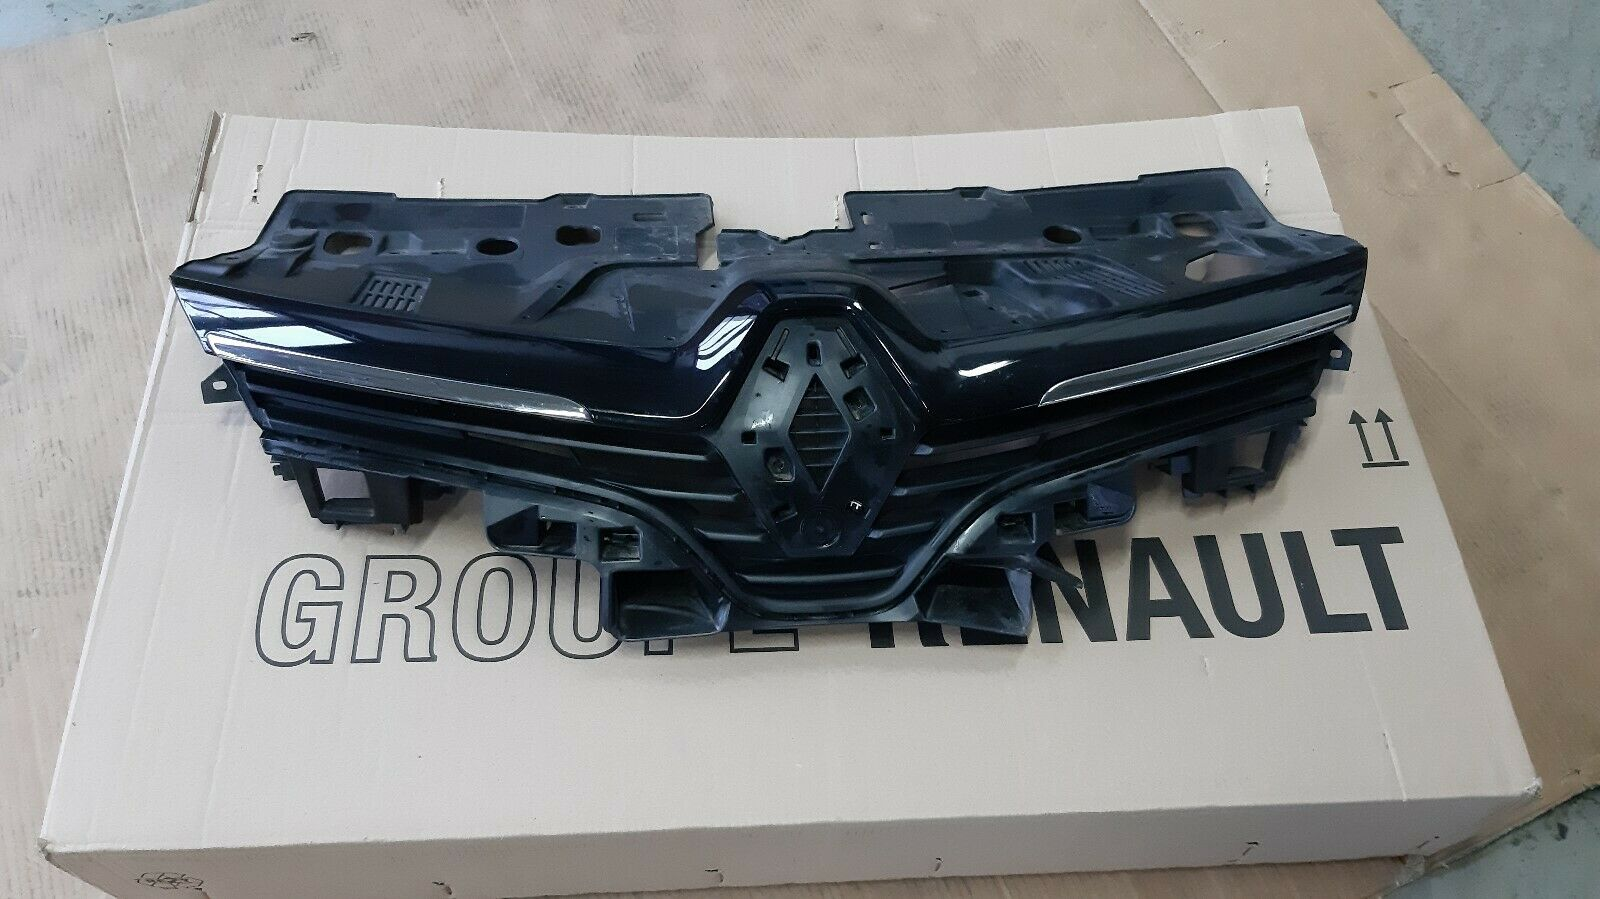 Kühlergrill Renault Clio IV 622562397R+620787878R+628109906R beschädigt